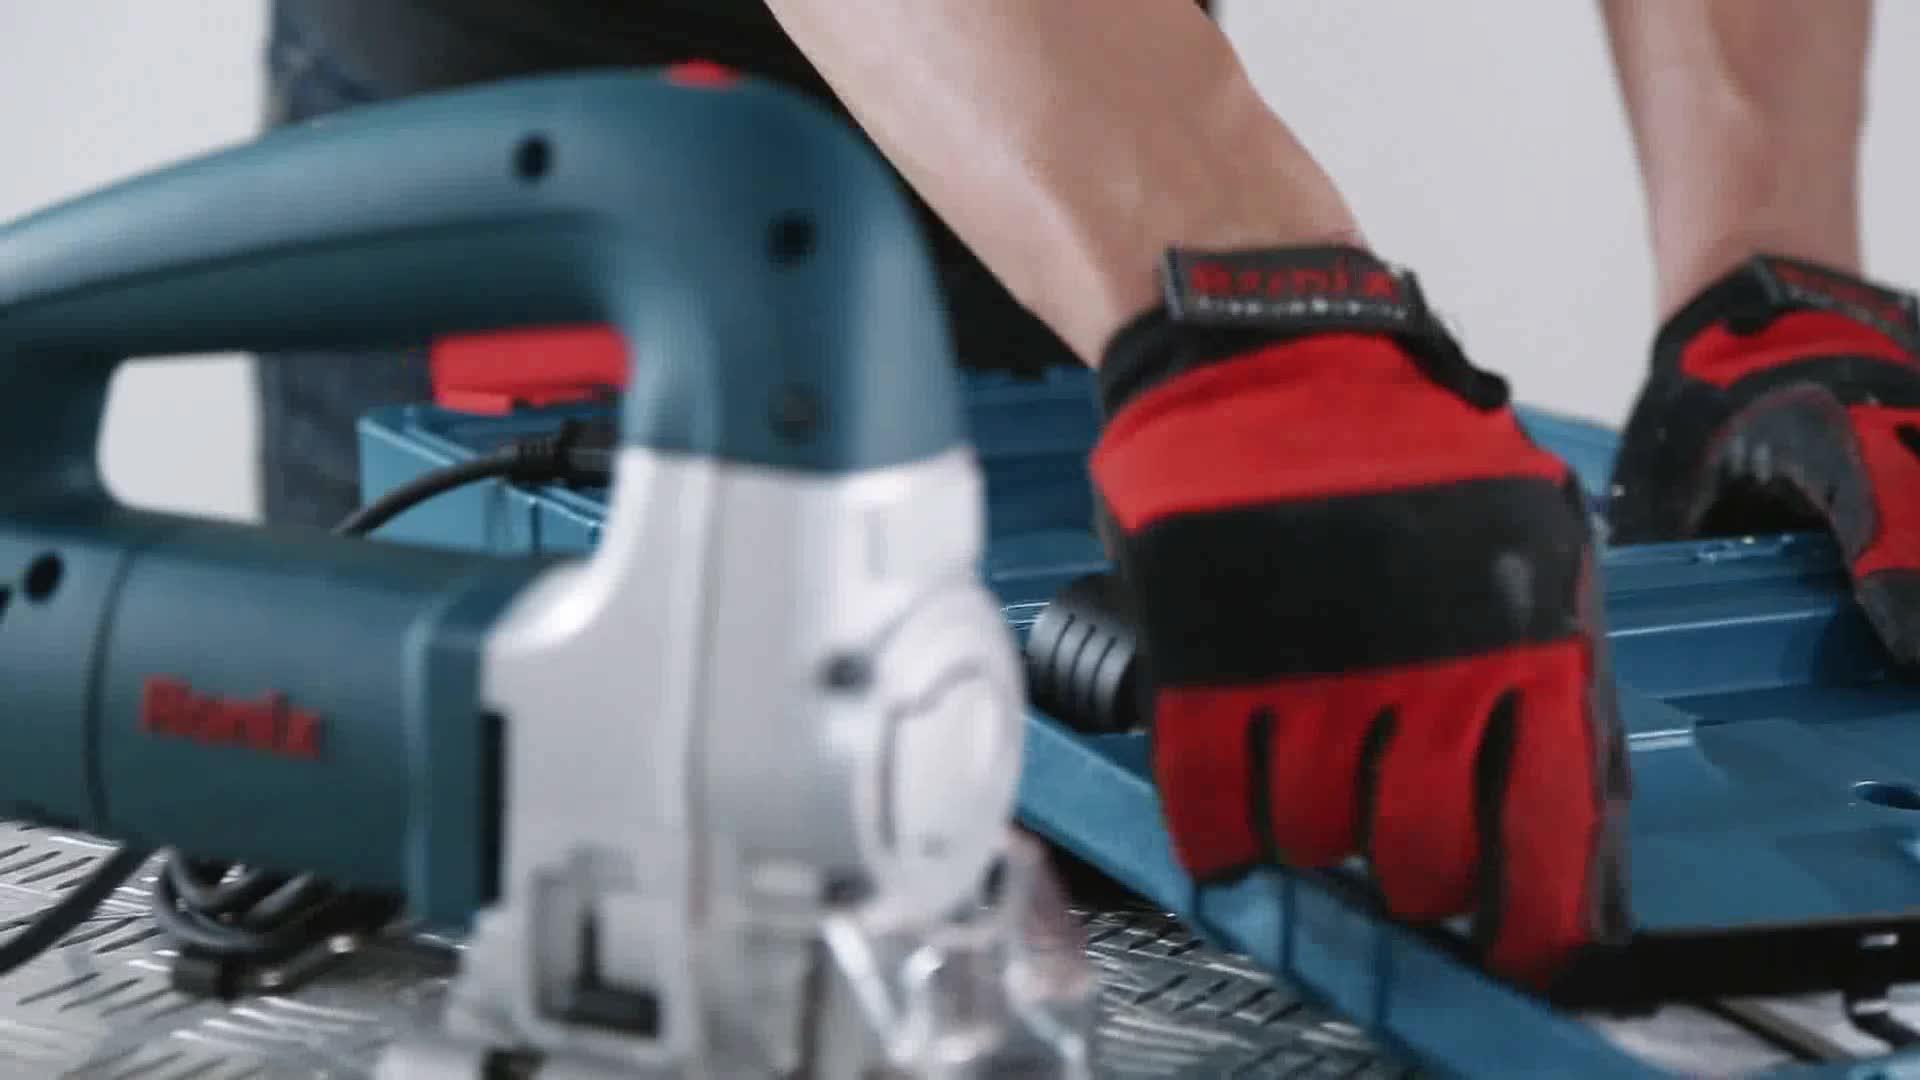 Ronix Holzschneidwerkzeuge Tragbare 600W-Stichsäge Modell 4110